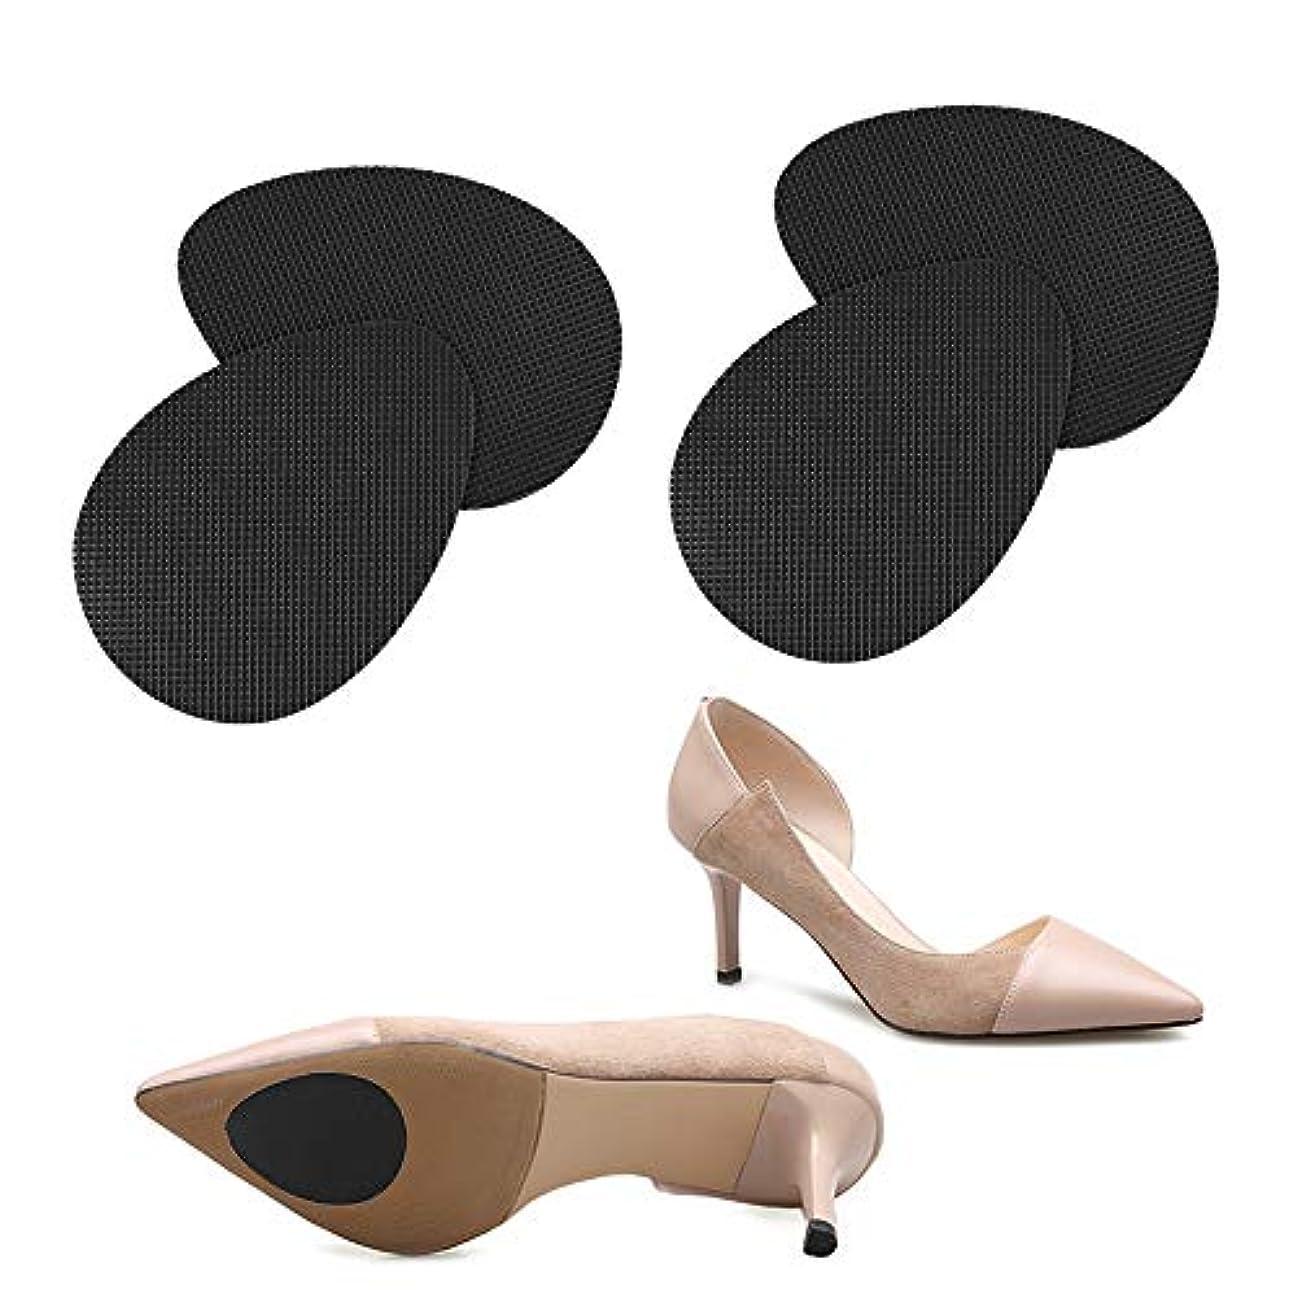 レビュー同性愛者必要靴 滑り止め ステッカー,LINECY 【スリップガード】靴保護 シート つま先&かかと 靴底補修 滑り止め (2足4枚いり)